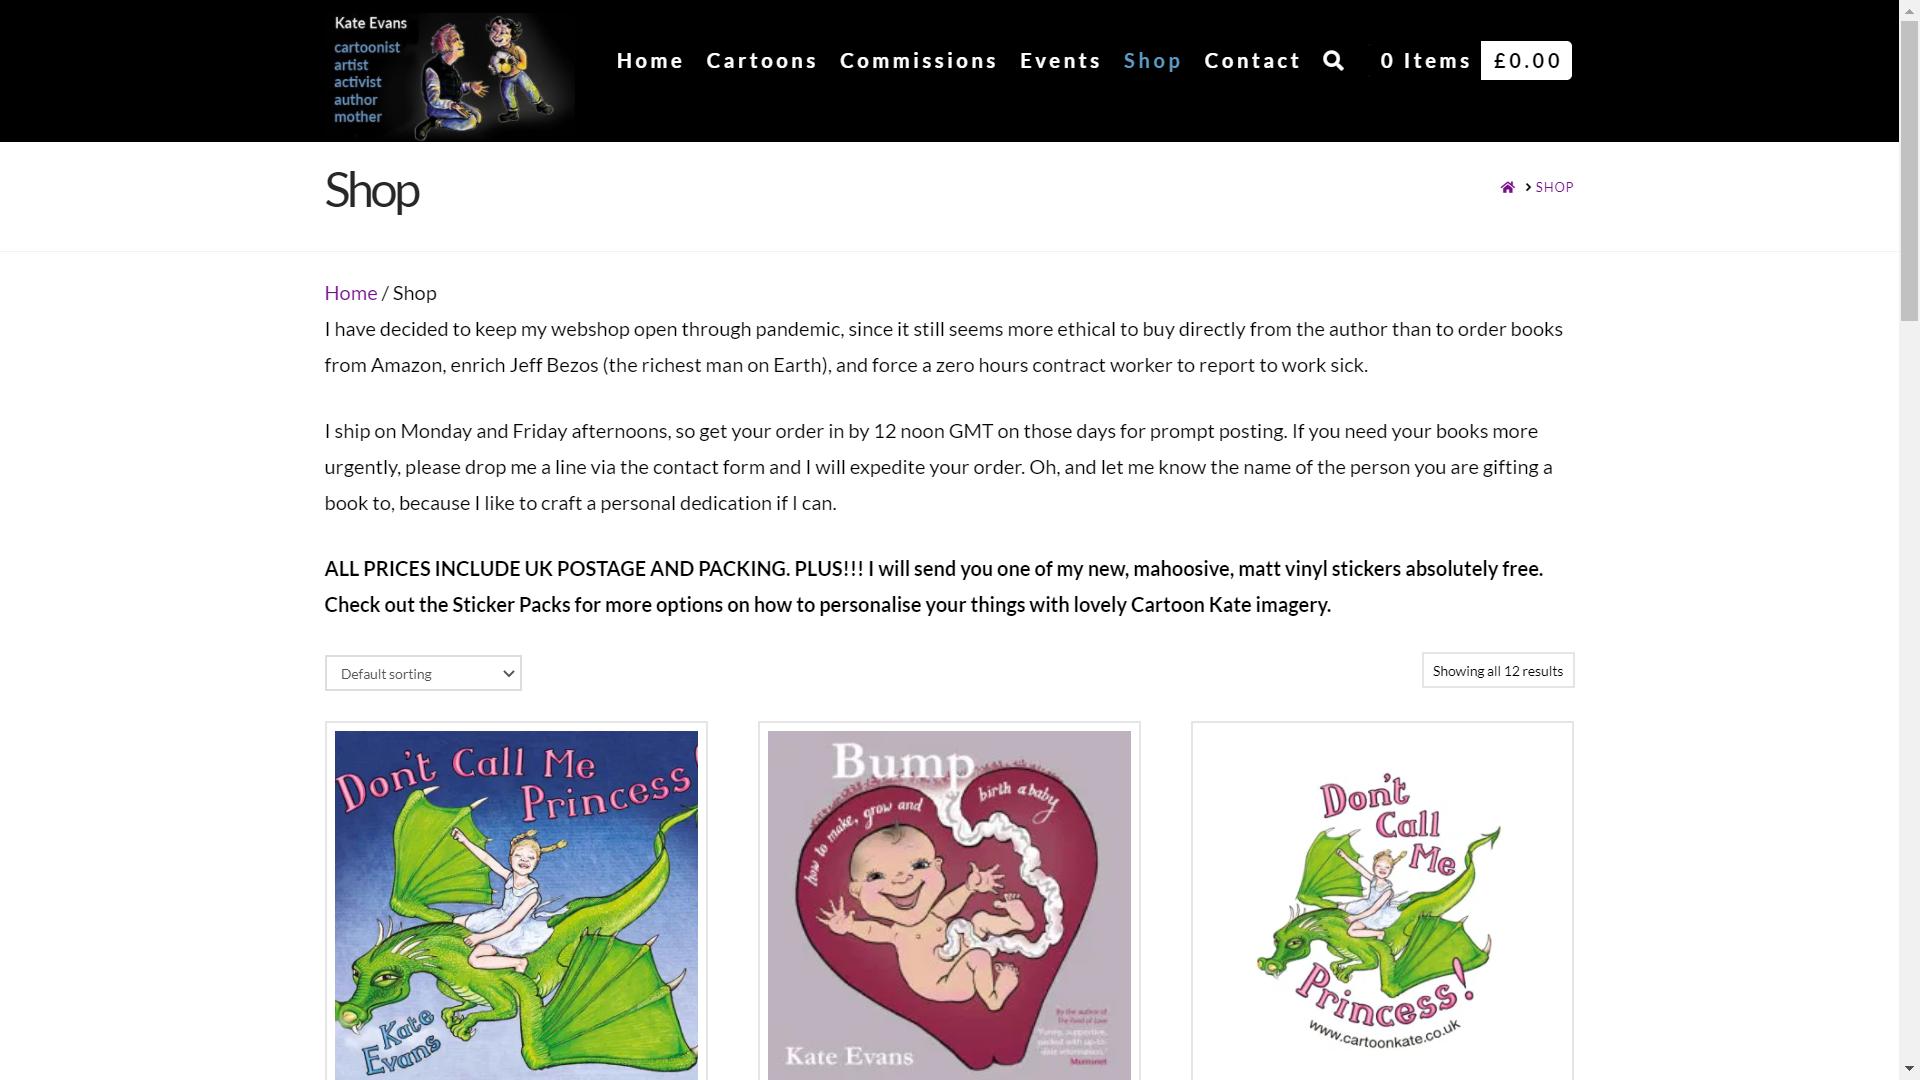 Kate Evans shop page